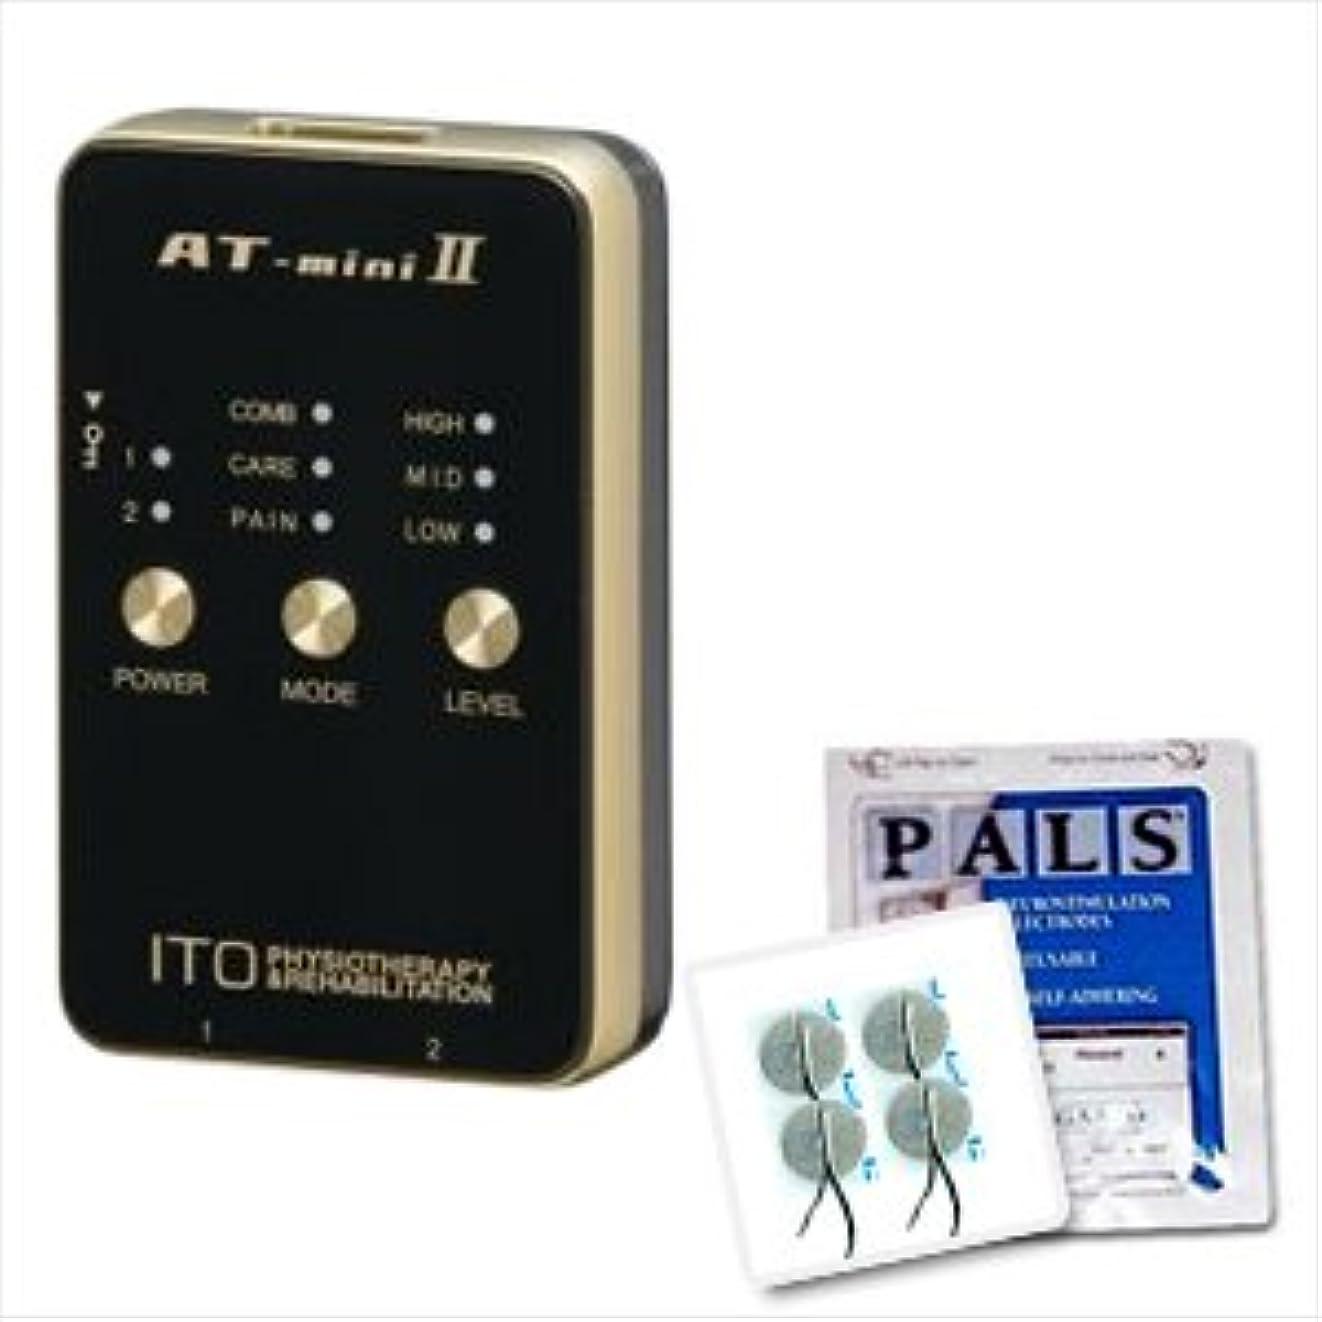 巻き戻す事務所セグメント低周波治療器 AT-mini II ブラック+アクセルガードSサイズ(円:直径3cm:1袋4枚入)セット